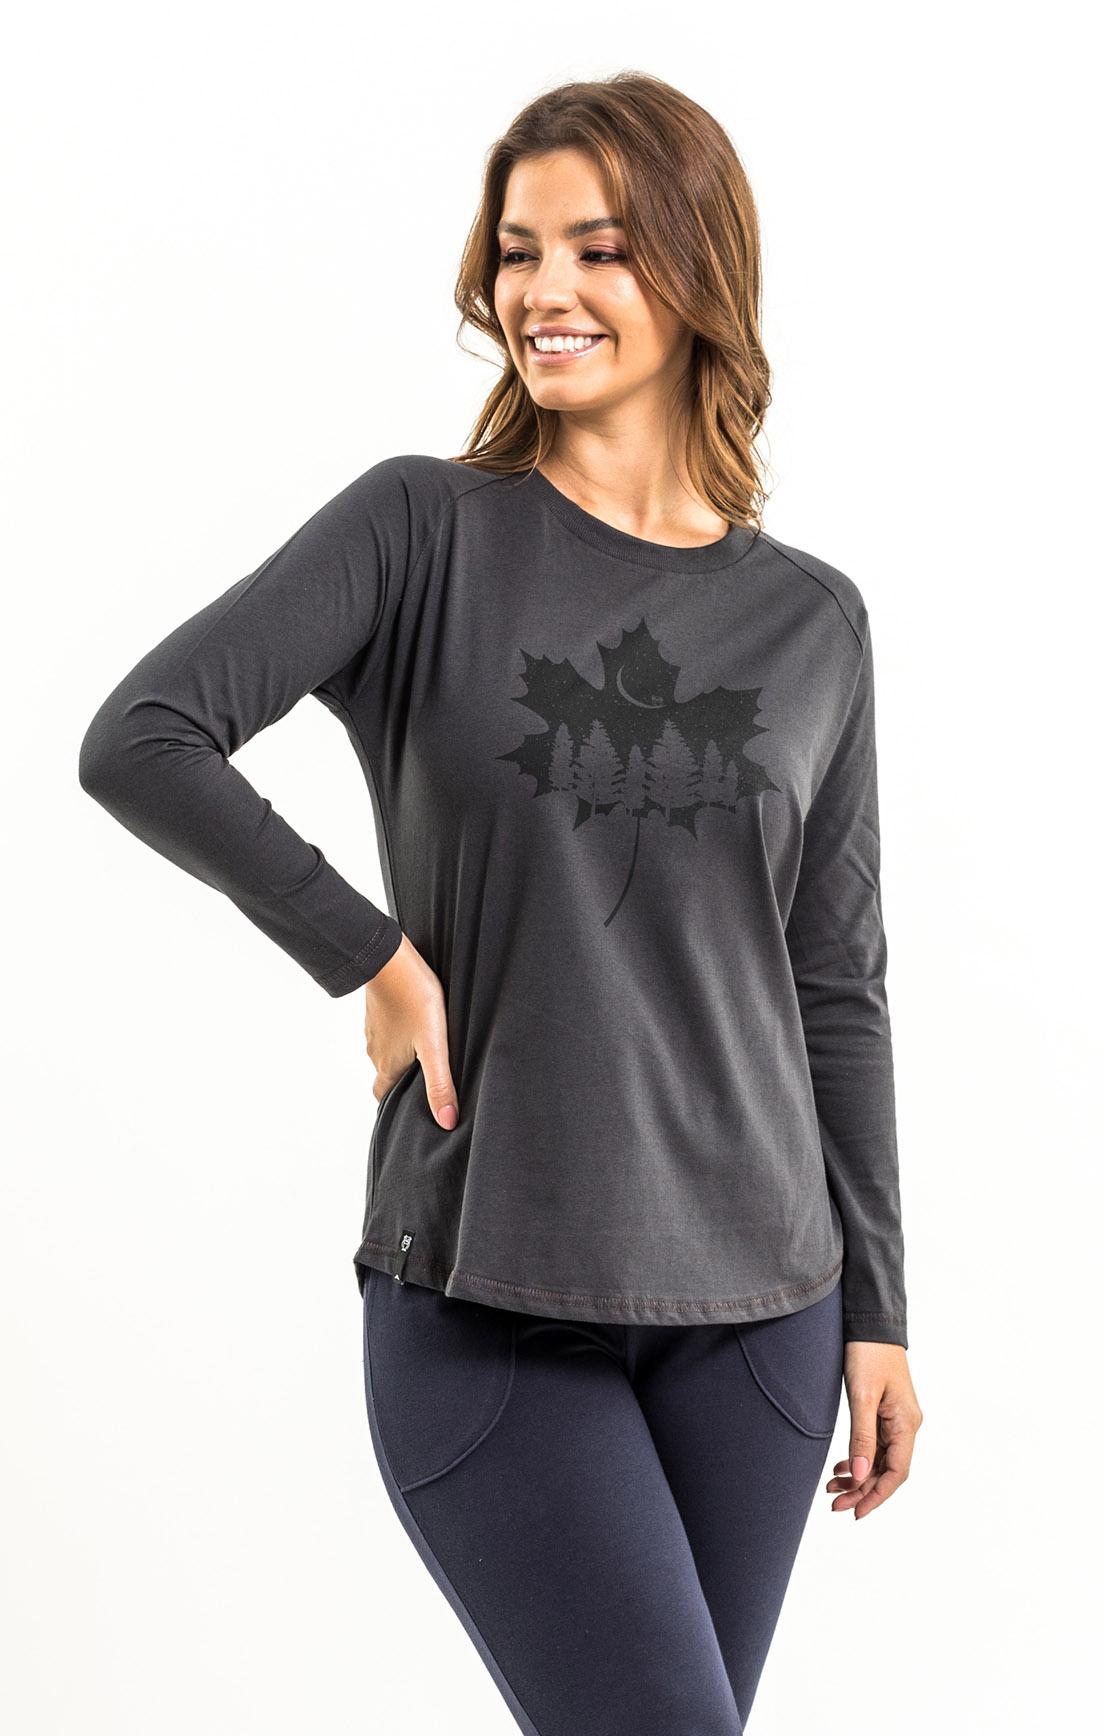 T-shirt Nogah Maple Leaf Oversized Chumbo